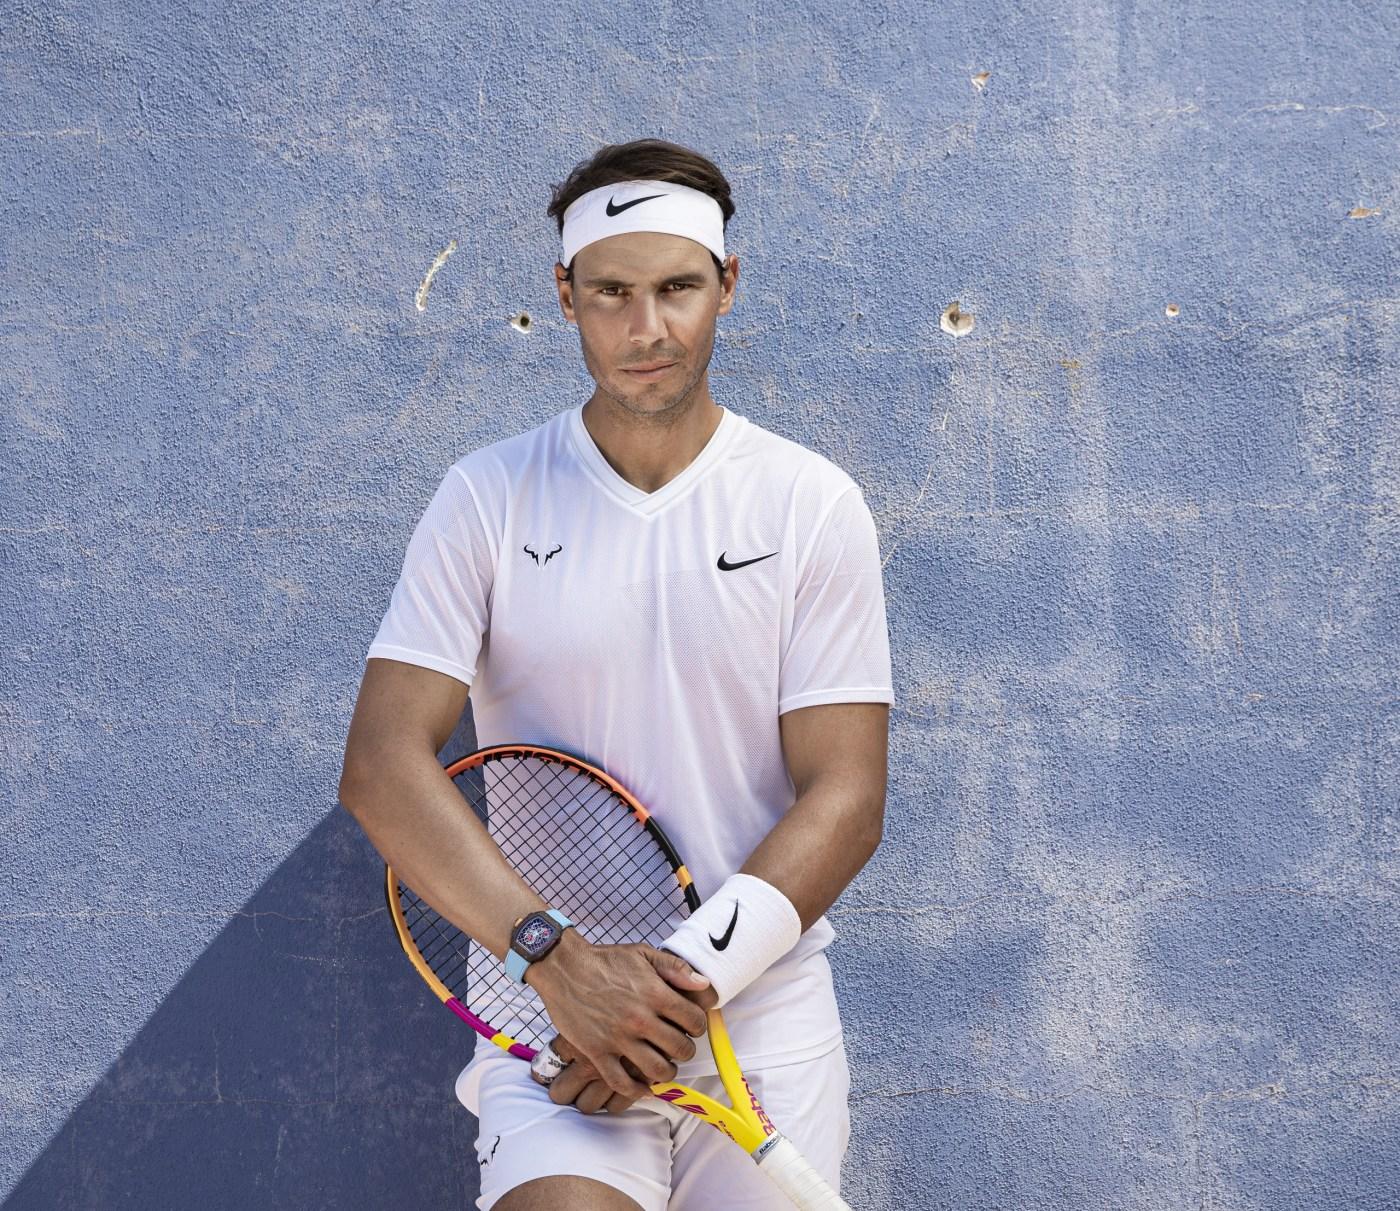 Rafael Nadal wearing Richard Mille RM 27-04